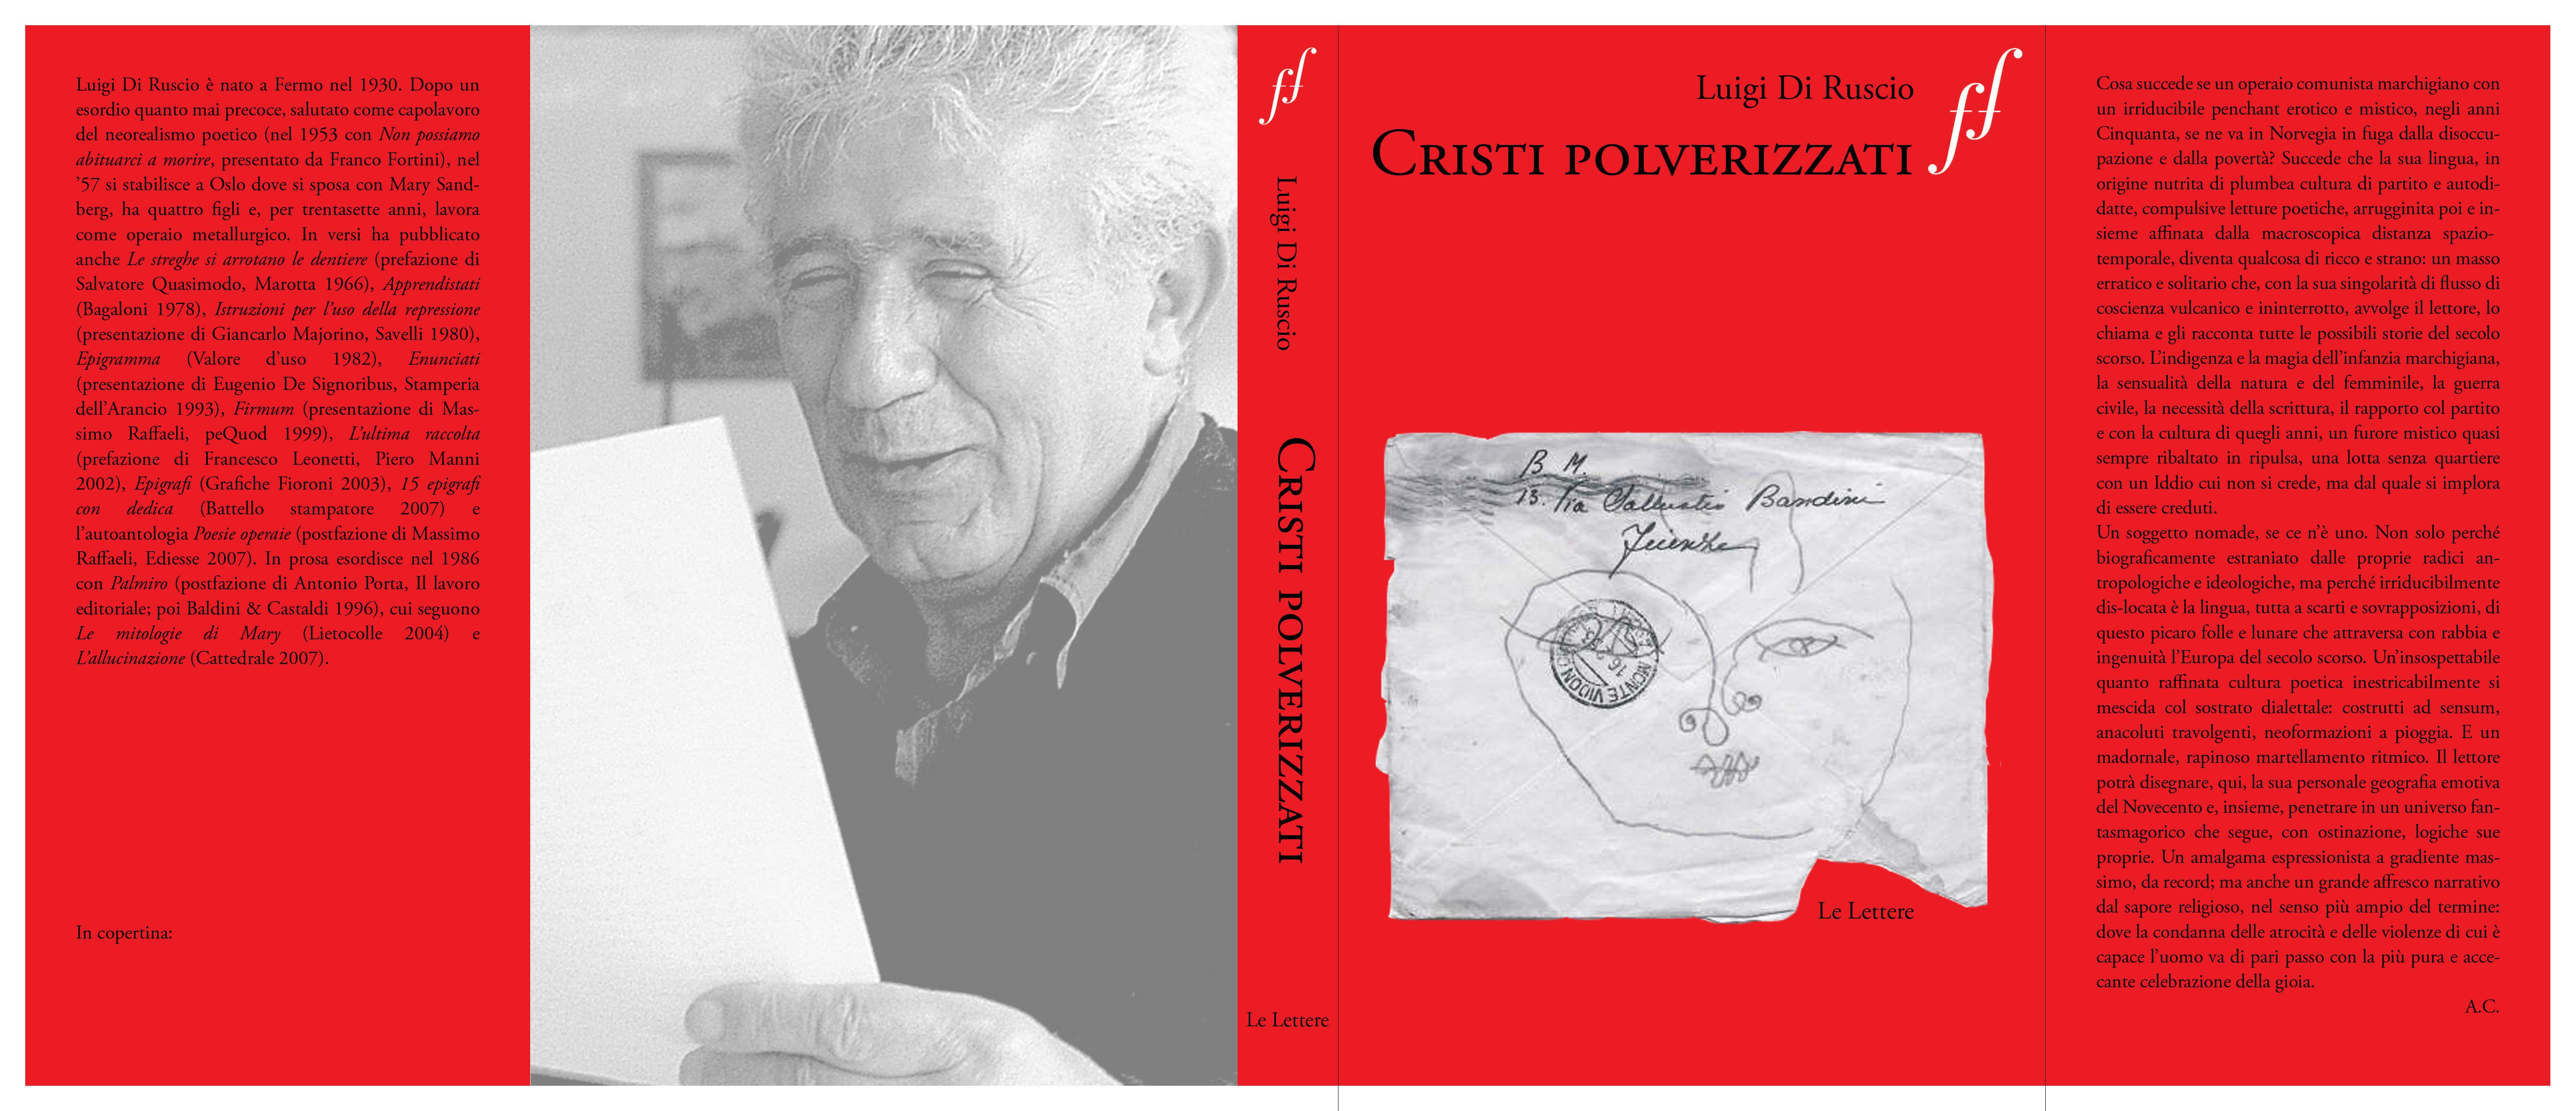 Cristi polverizzati – Luigi Di Ruscio – ed Le lettere pp 105 106 e 187 post di Natlia Castaldi